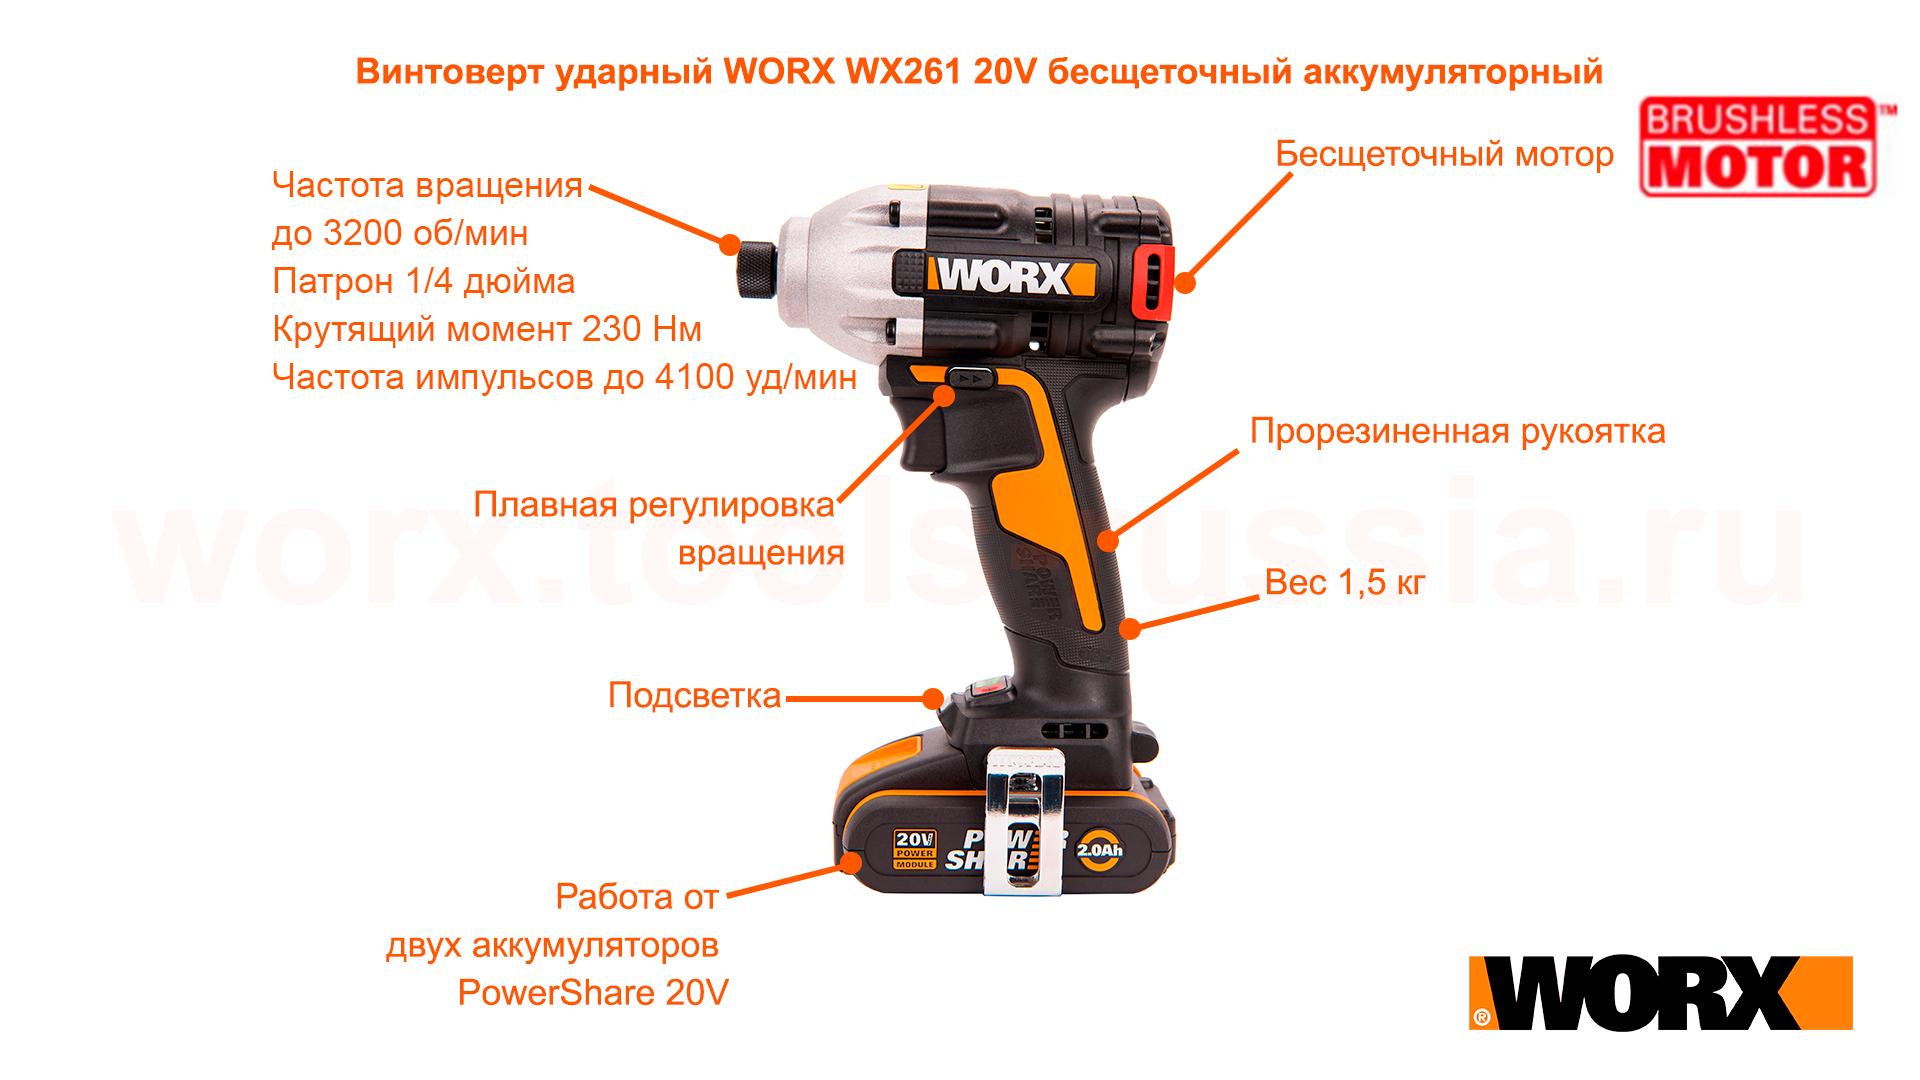 vintovert-udarnyy-worx-wx261-20v-besshchetochnyy-akkumulyatornyy.png